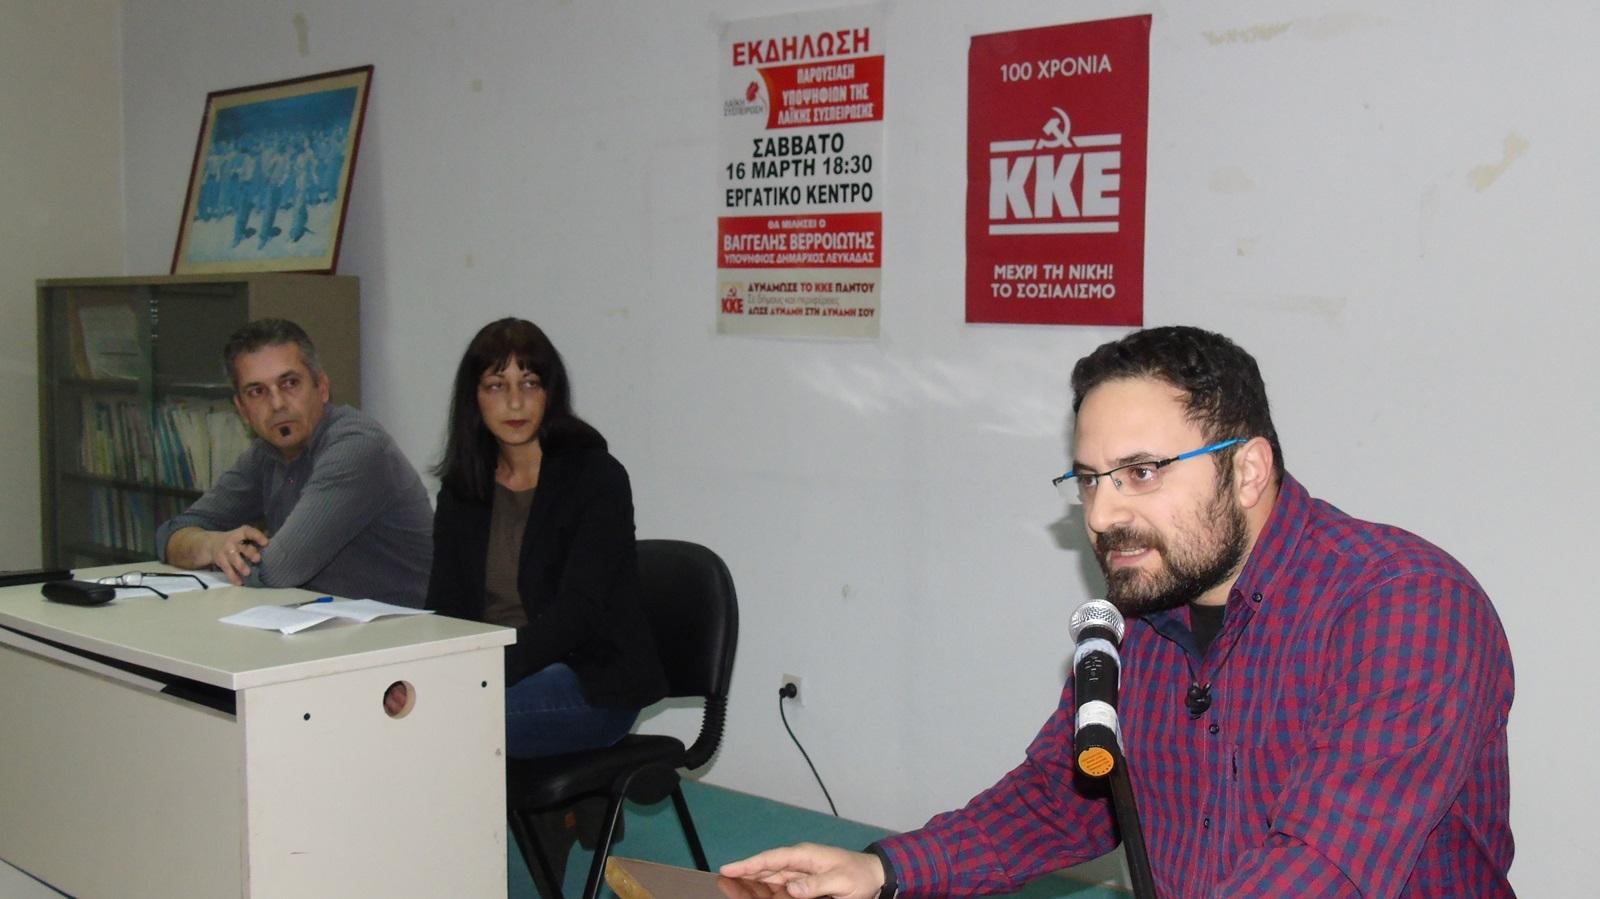 Παρουσίαση ψηφοδελτίων Λαϊκής Συσπείρωσης για Λευκάδα και Περιφέρεια